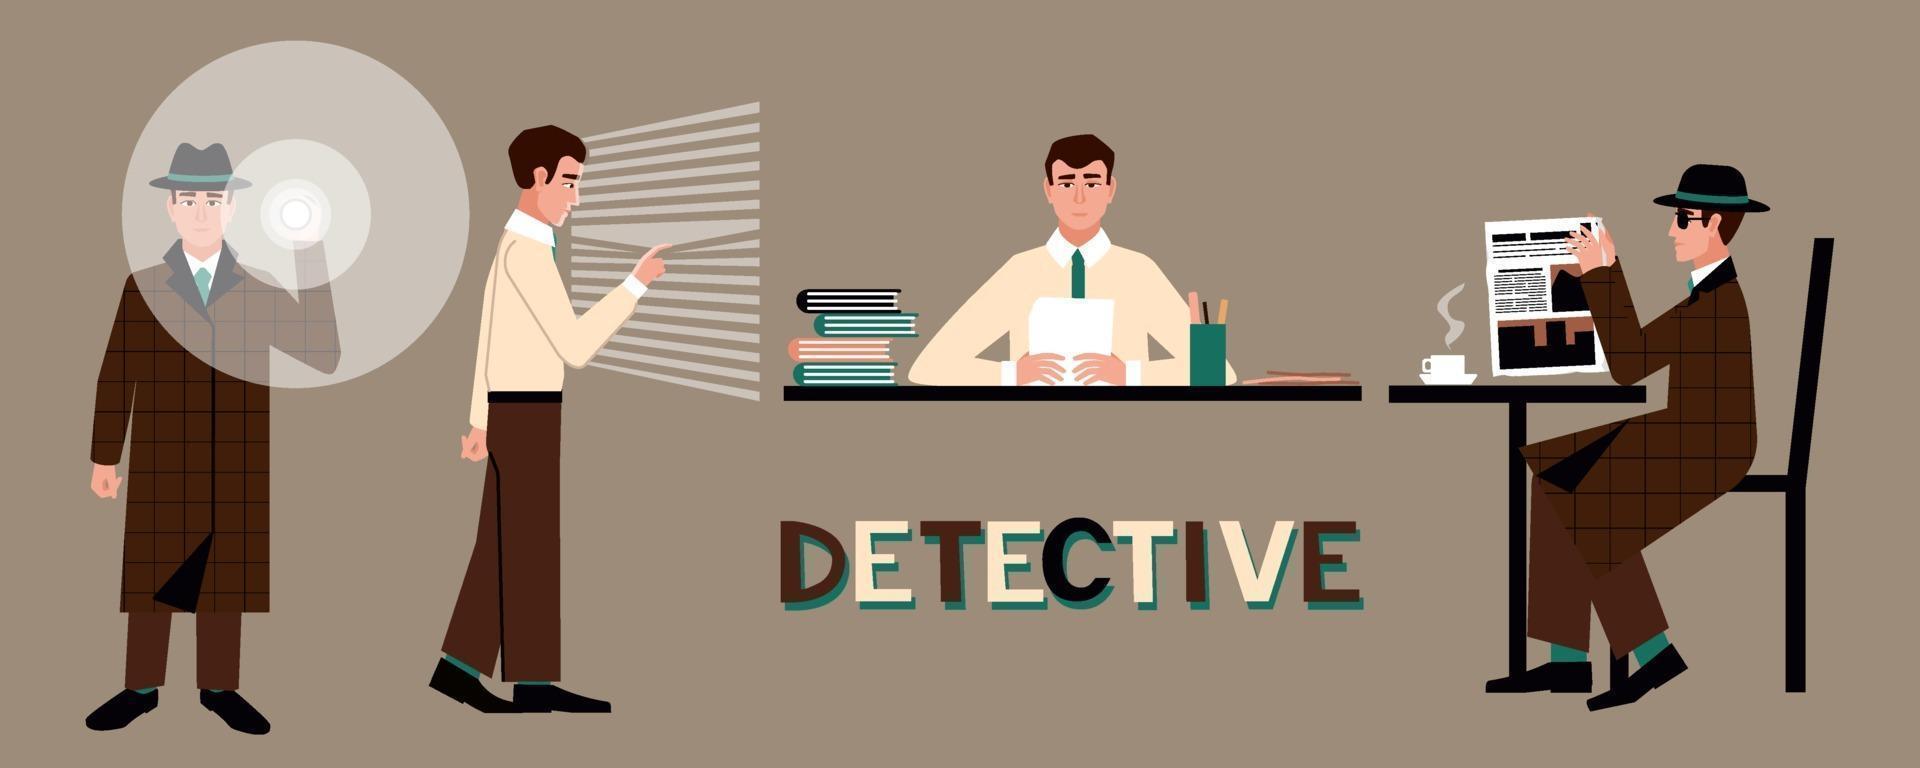 en uppsättning av en detektiv i en hatt med en ficklampa, vid ett bord, vid fönstret, på ett kafé. vektor